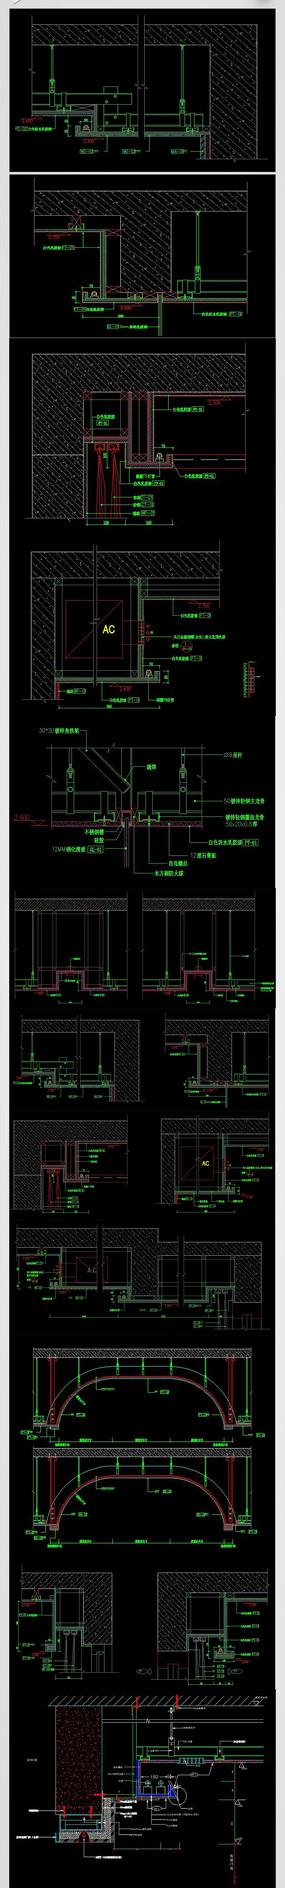 CAD吊顶施工图节点大样图建筑施工图